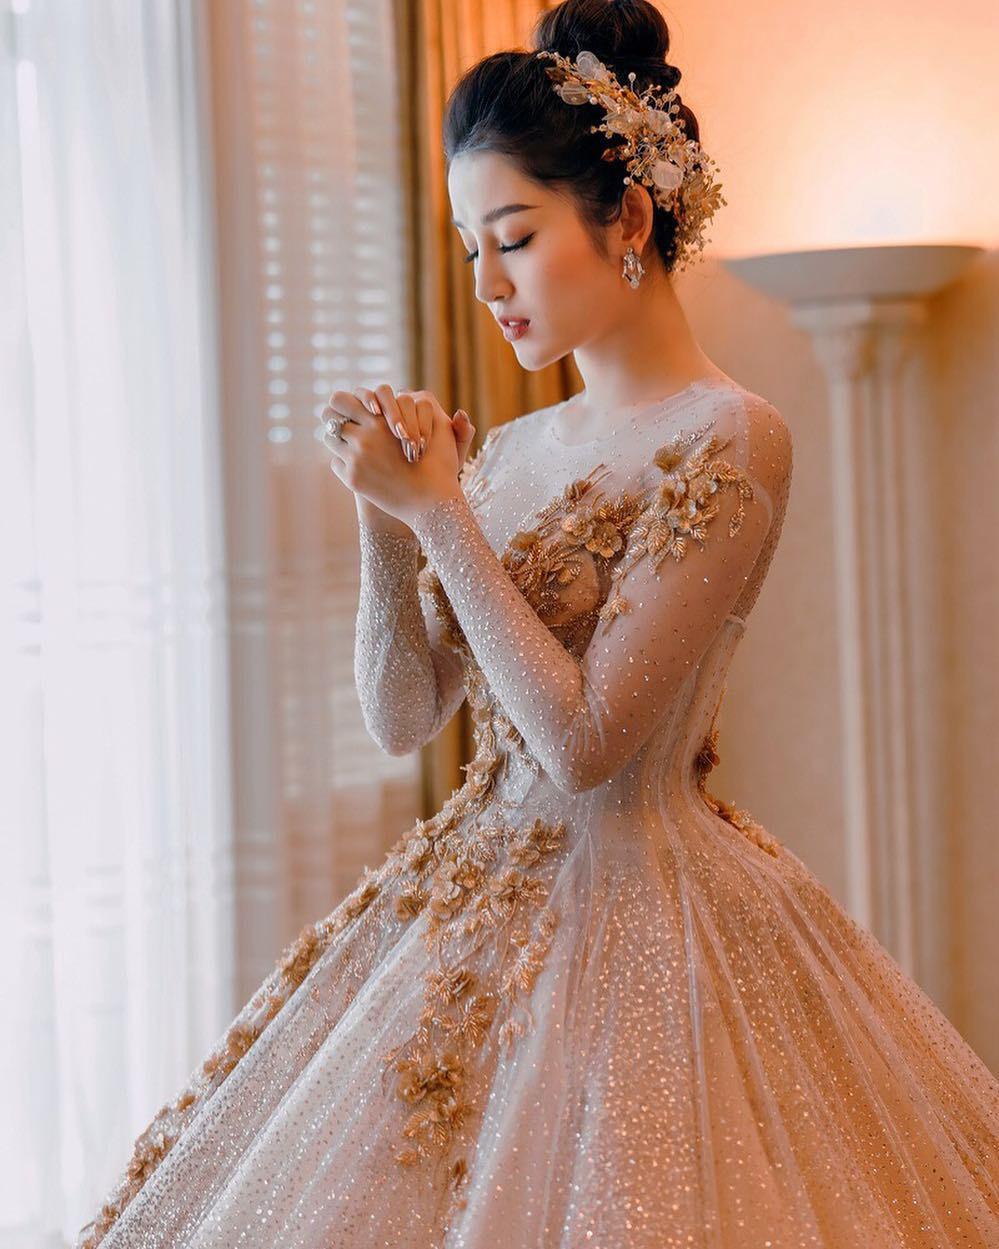 """Công thức diện đồ """"đinh"""" của Á hậu Huyền My: Mặc váy cực diêm dúa và nhất định phải cài thứ gì đó thật sến lên đầu - Ảnh 9."""